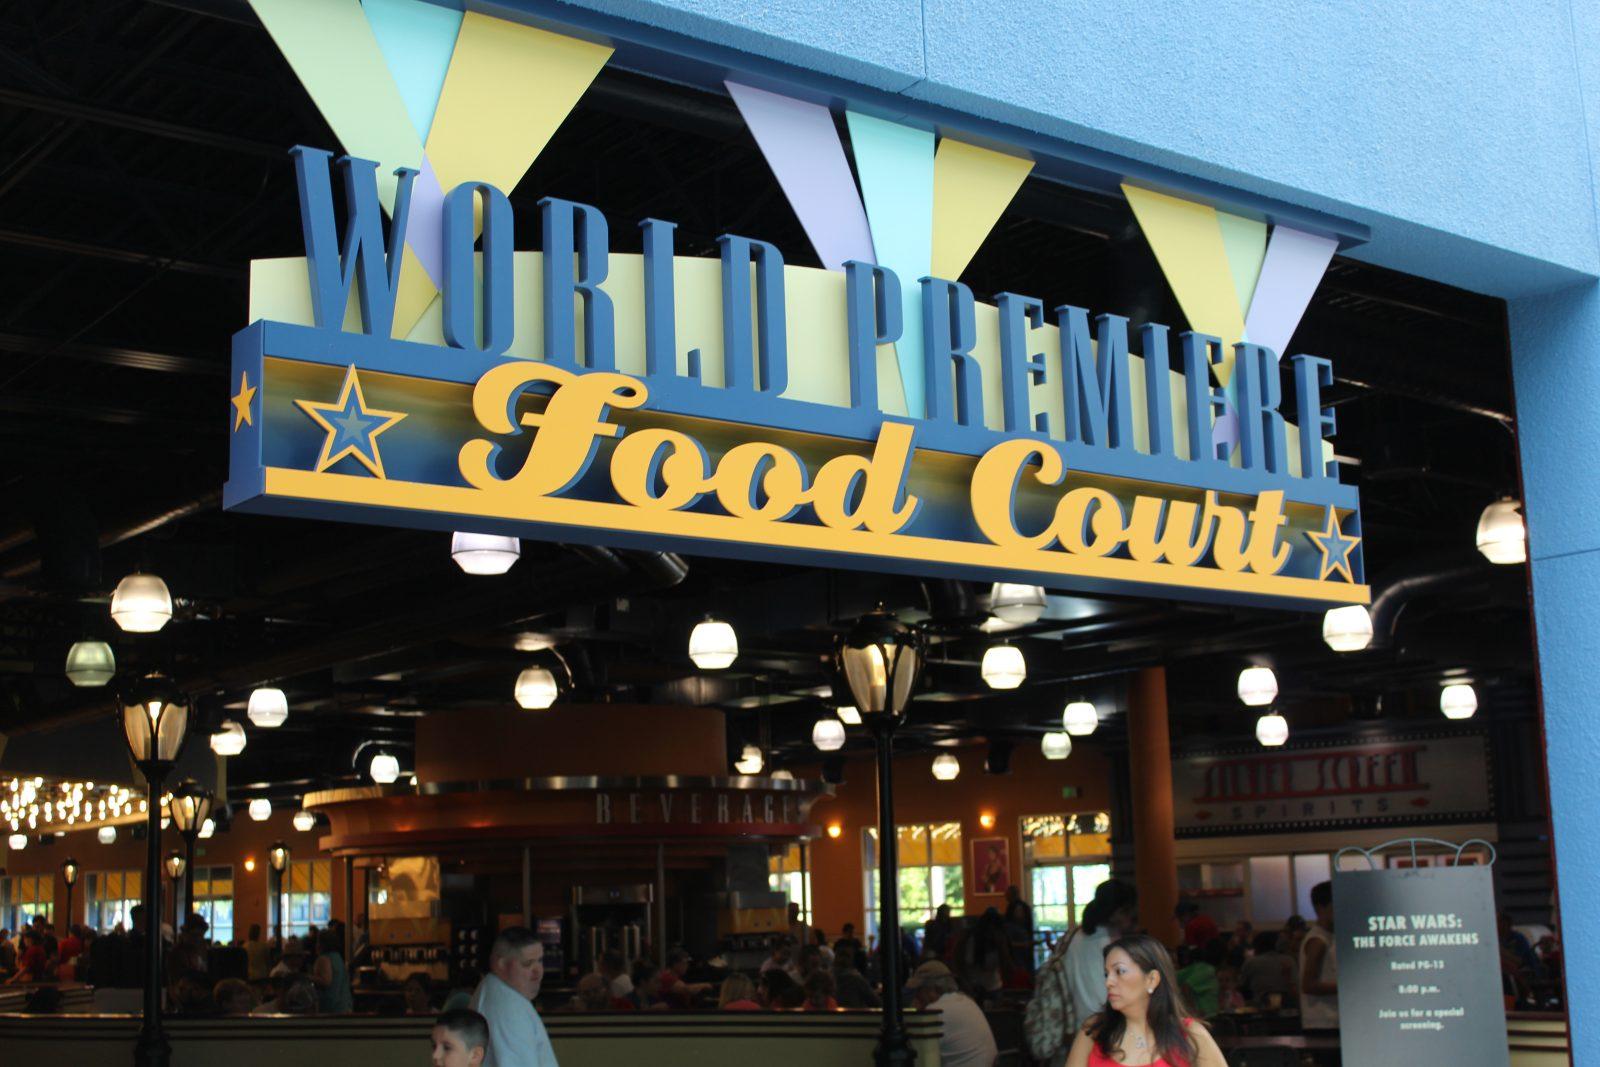 World Premiere Food Court